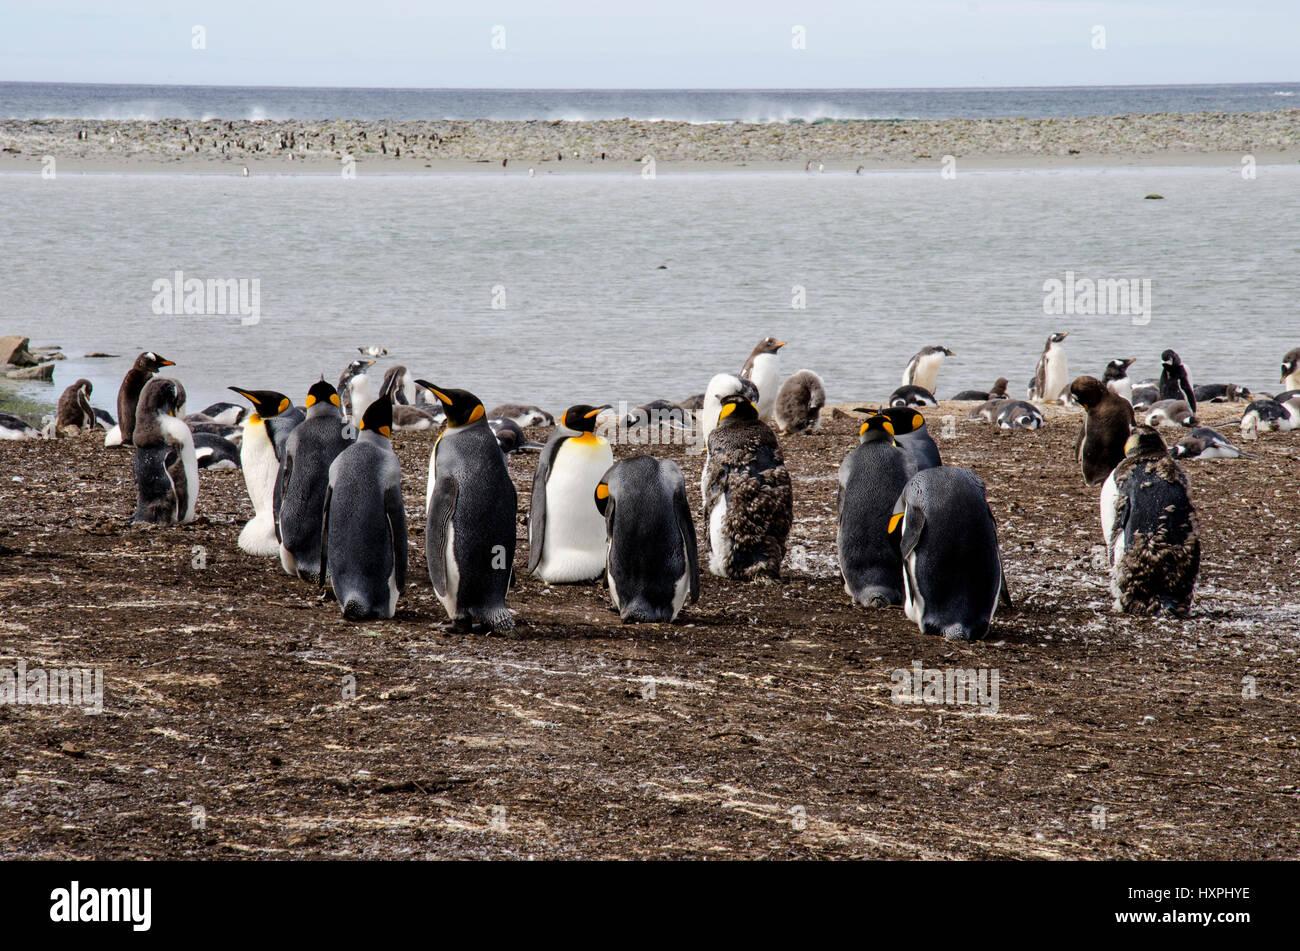 Manchot royal Aptenodytes patagonicus - - colonie de manchots royaux dans la région de Iles Falkland Banque D'Images